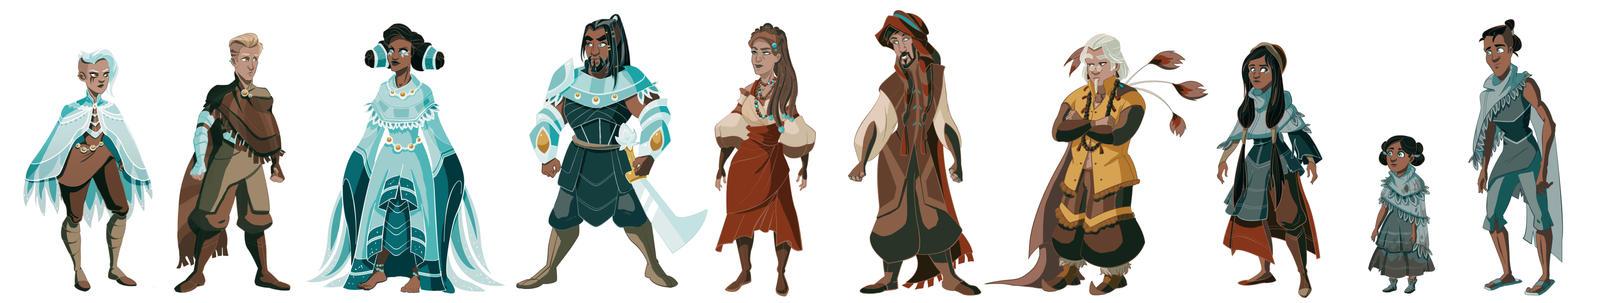 'Pilgrims', Full Character Lineup